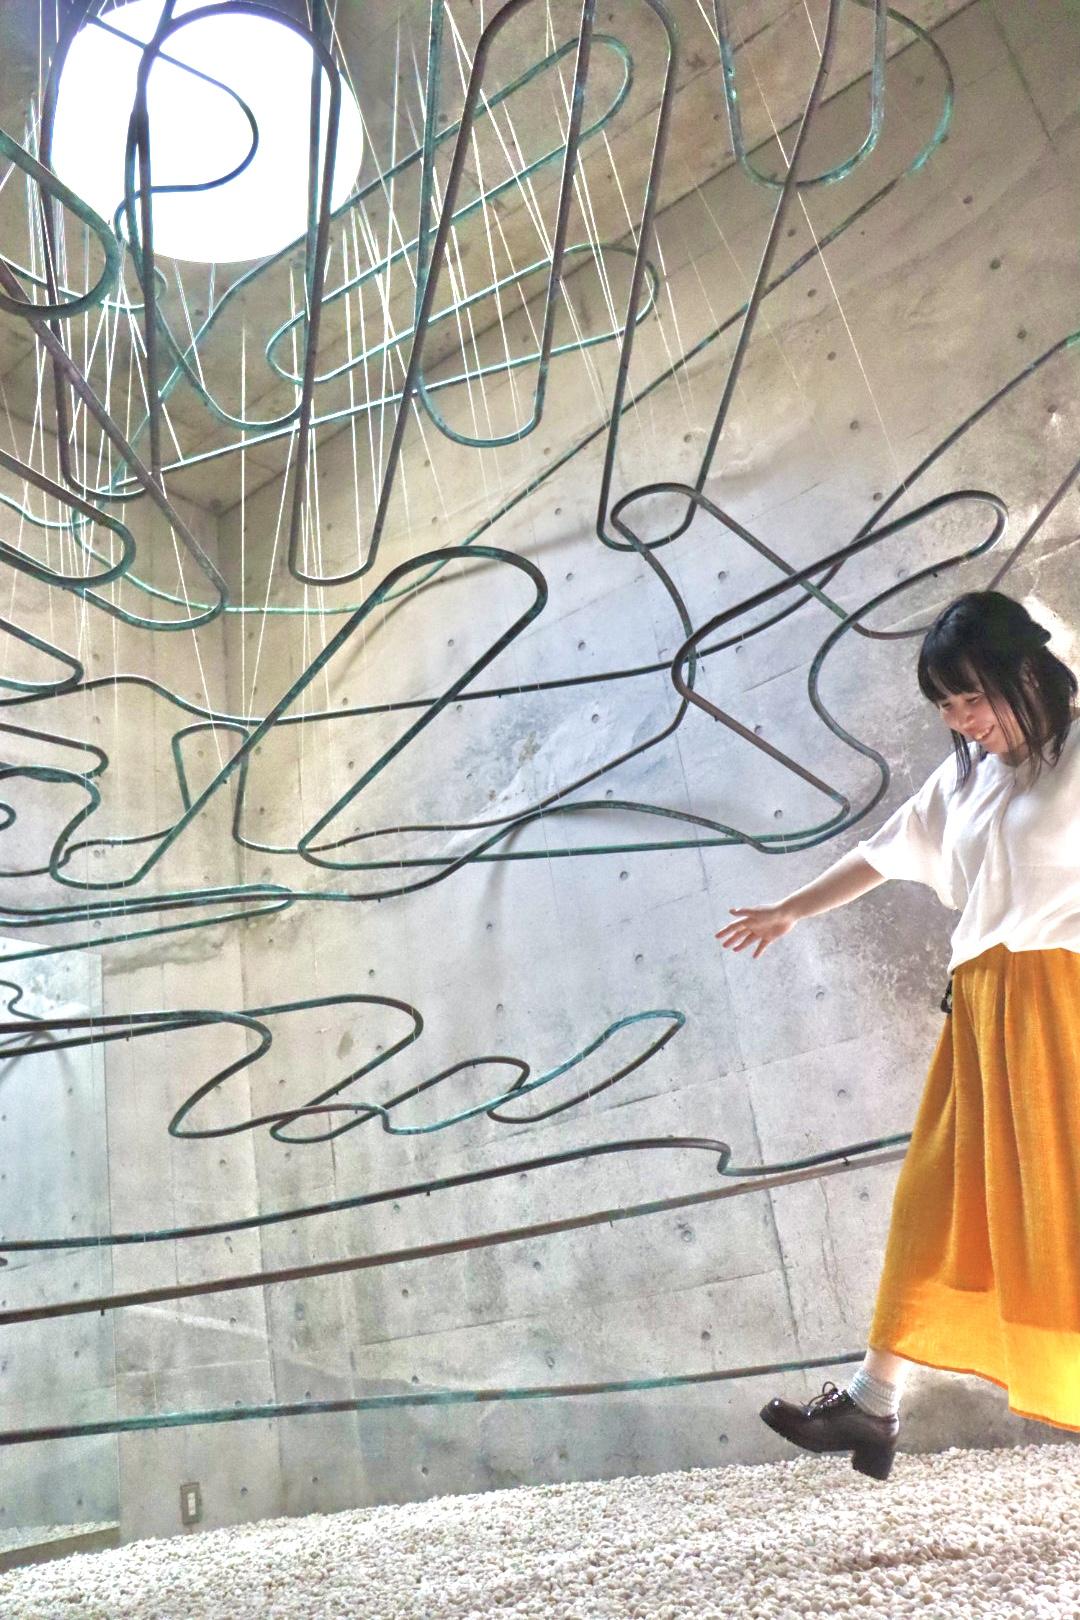 【大満足まちがいなし】一泊二日でも充分楽しめる富山県の女子旅スポットまとめ_9